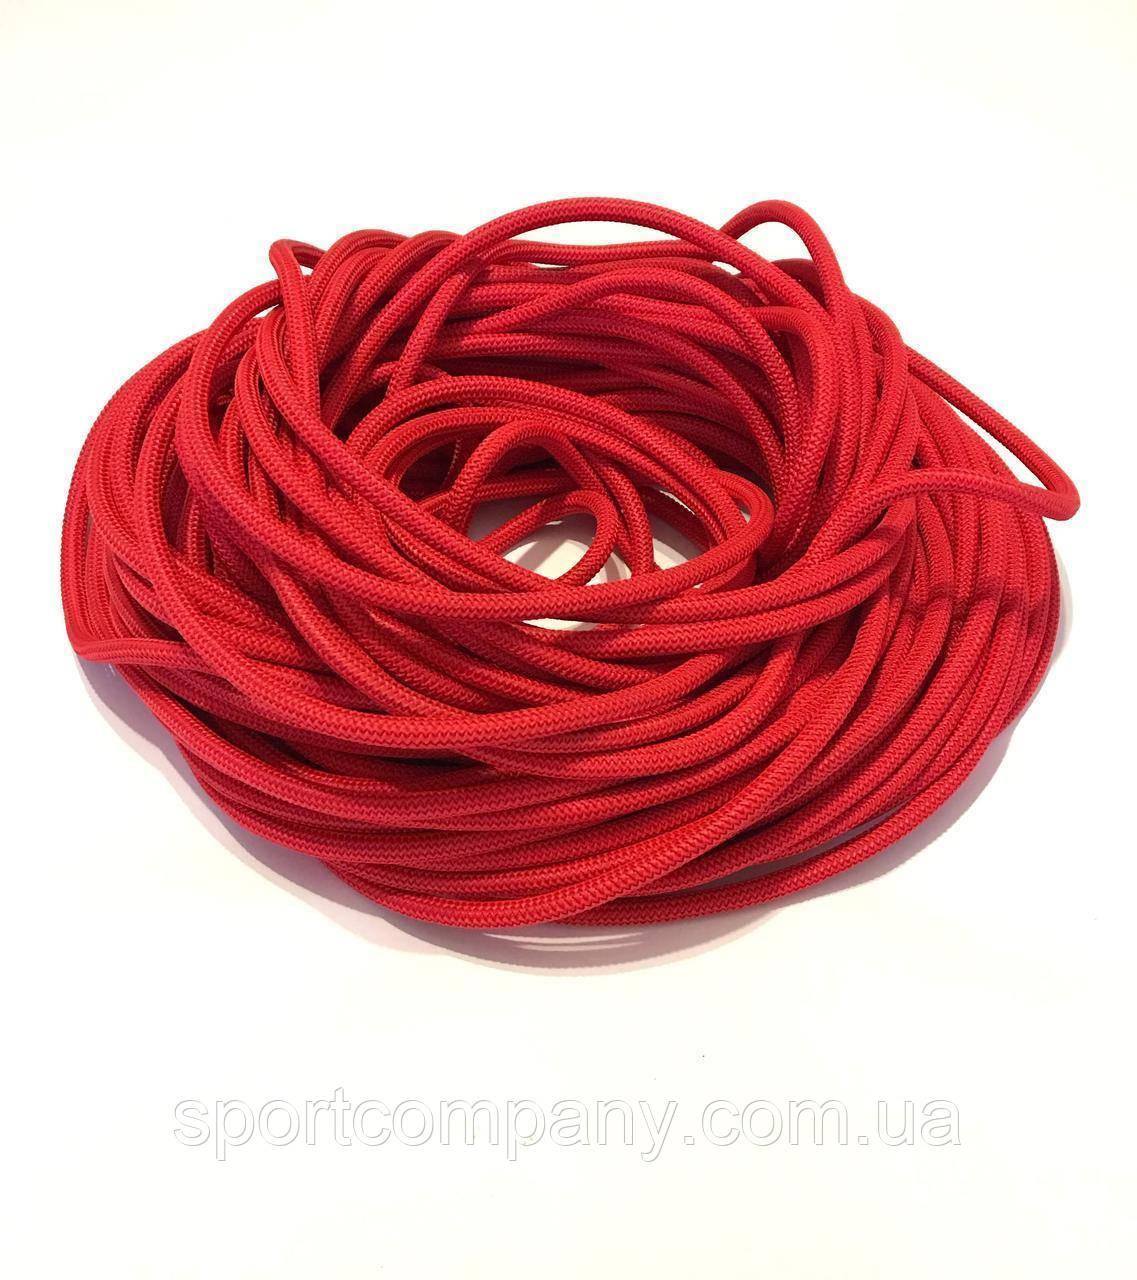 Жгут спортивный резиновый в тканевой оплетке ( резина, d-10 мм, I-500 см, красный ) rez.zhyt10red